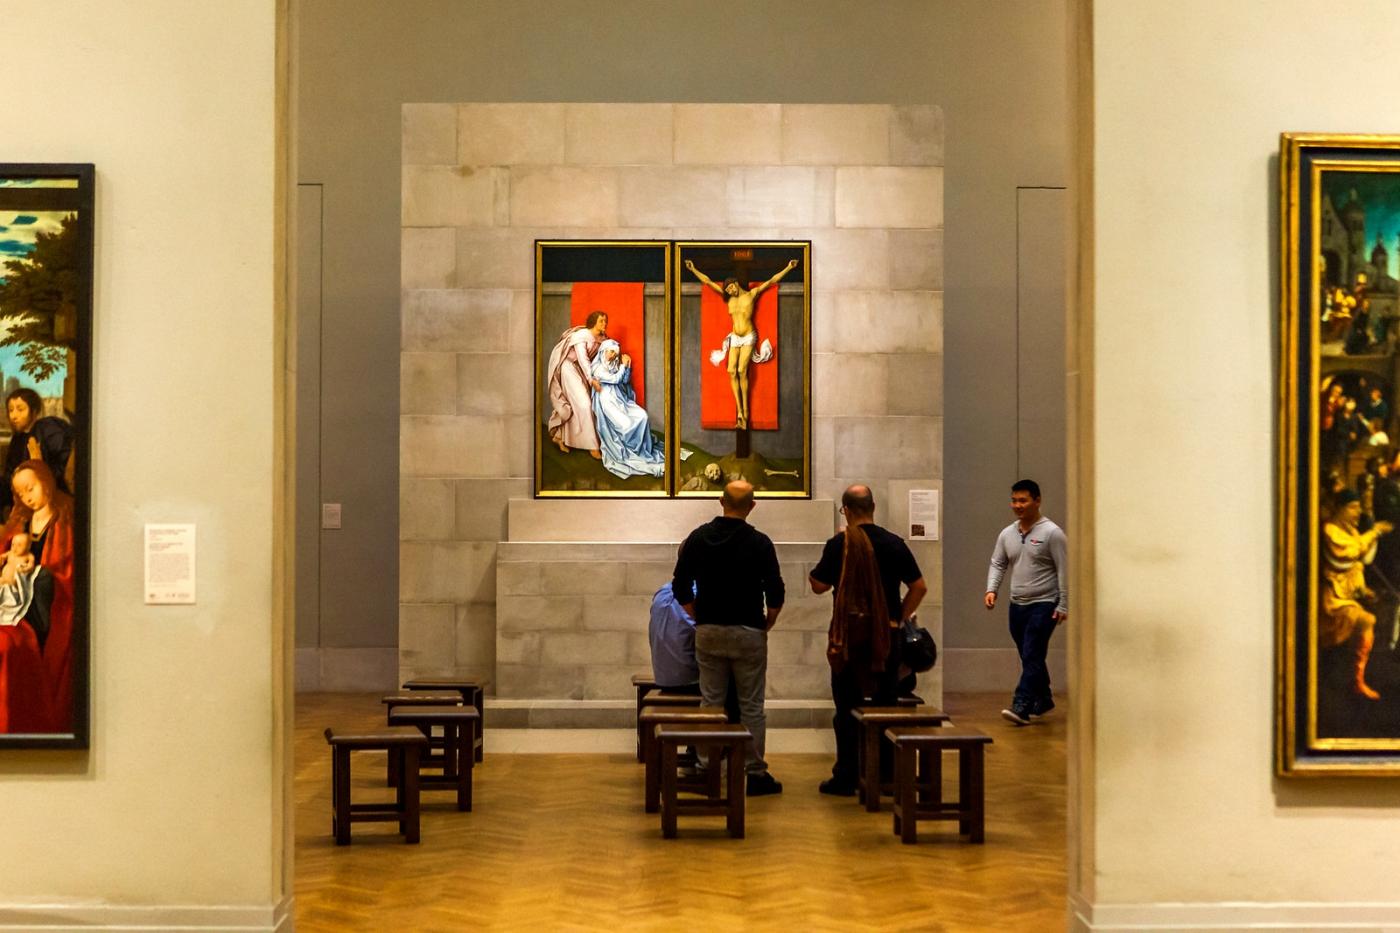 费城艺术博物馆,看展品布局_图1-10